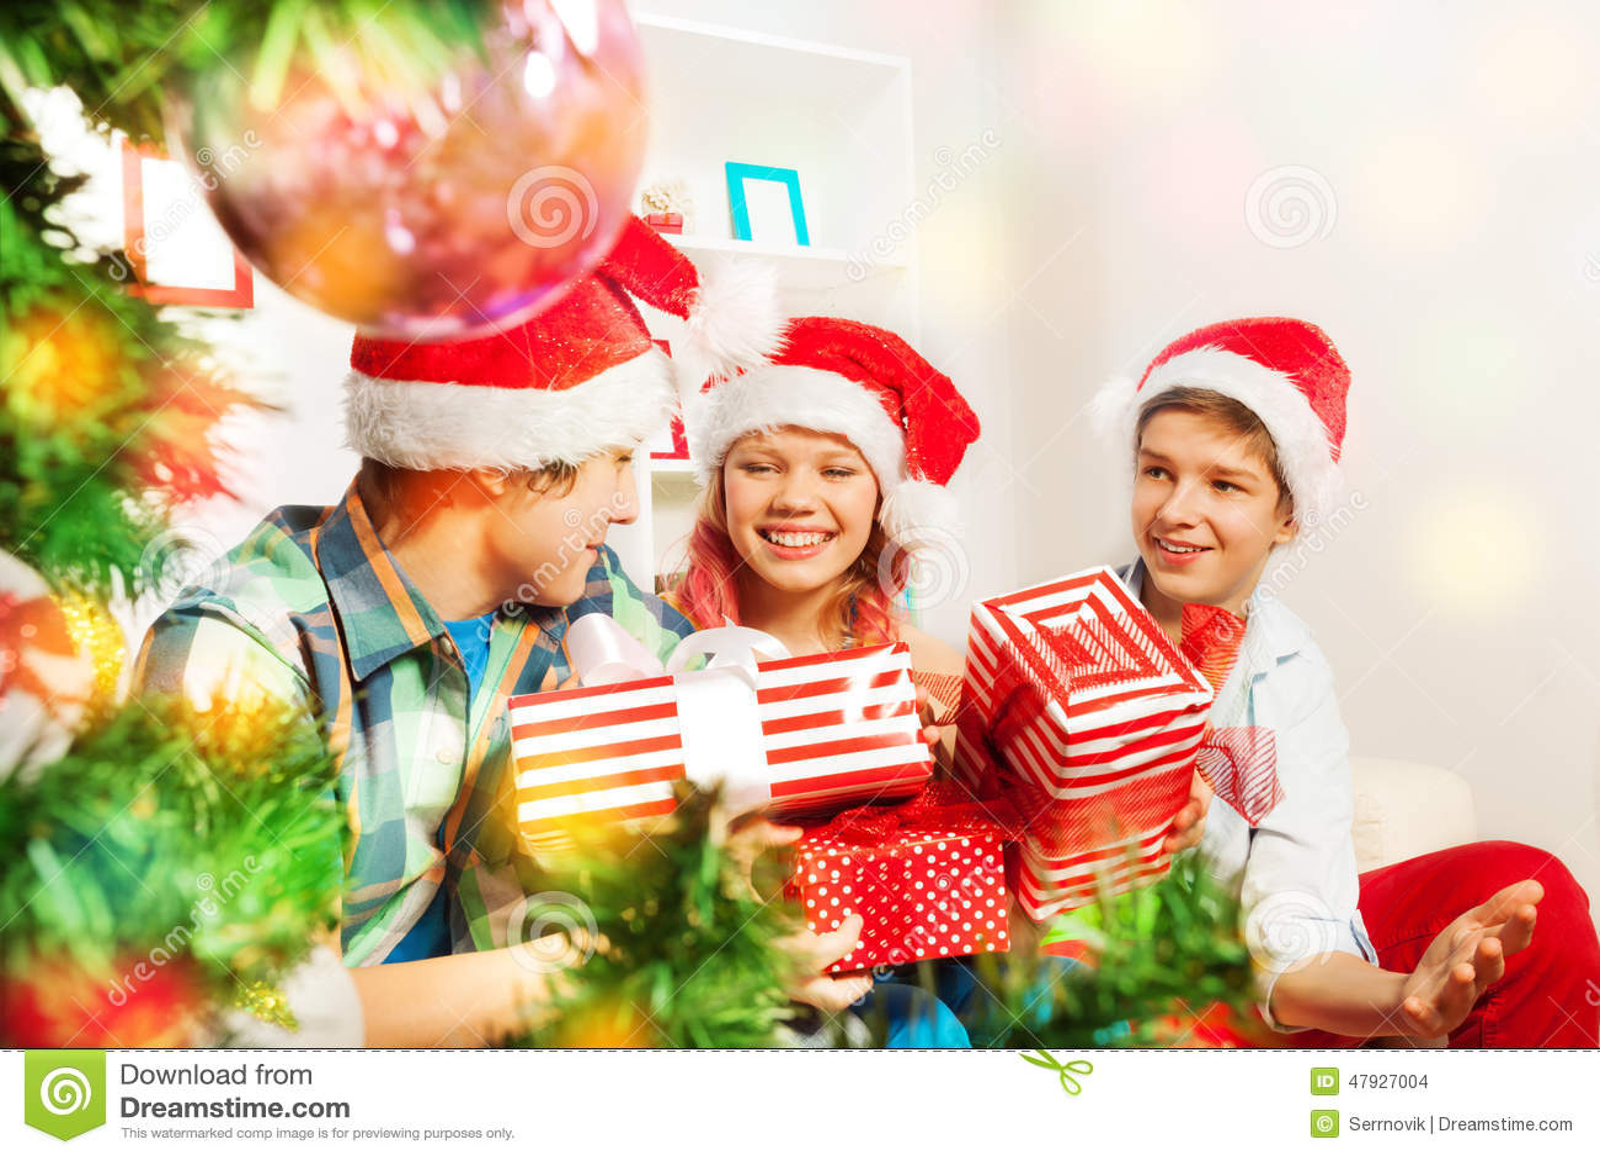 Новогодние подарки подросткам мальчикам